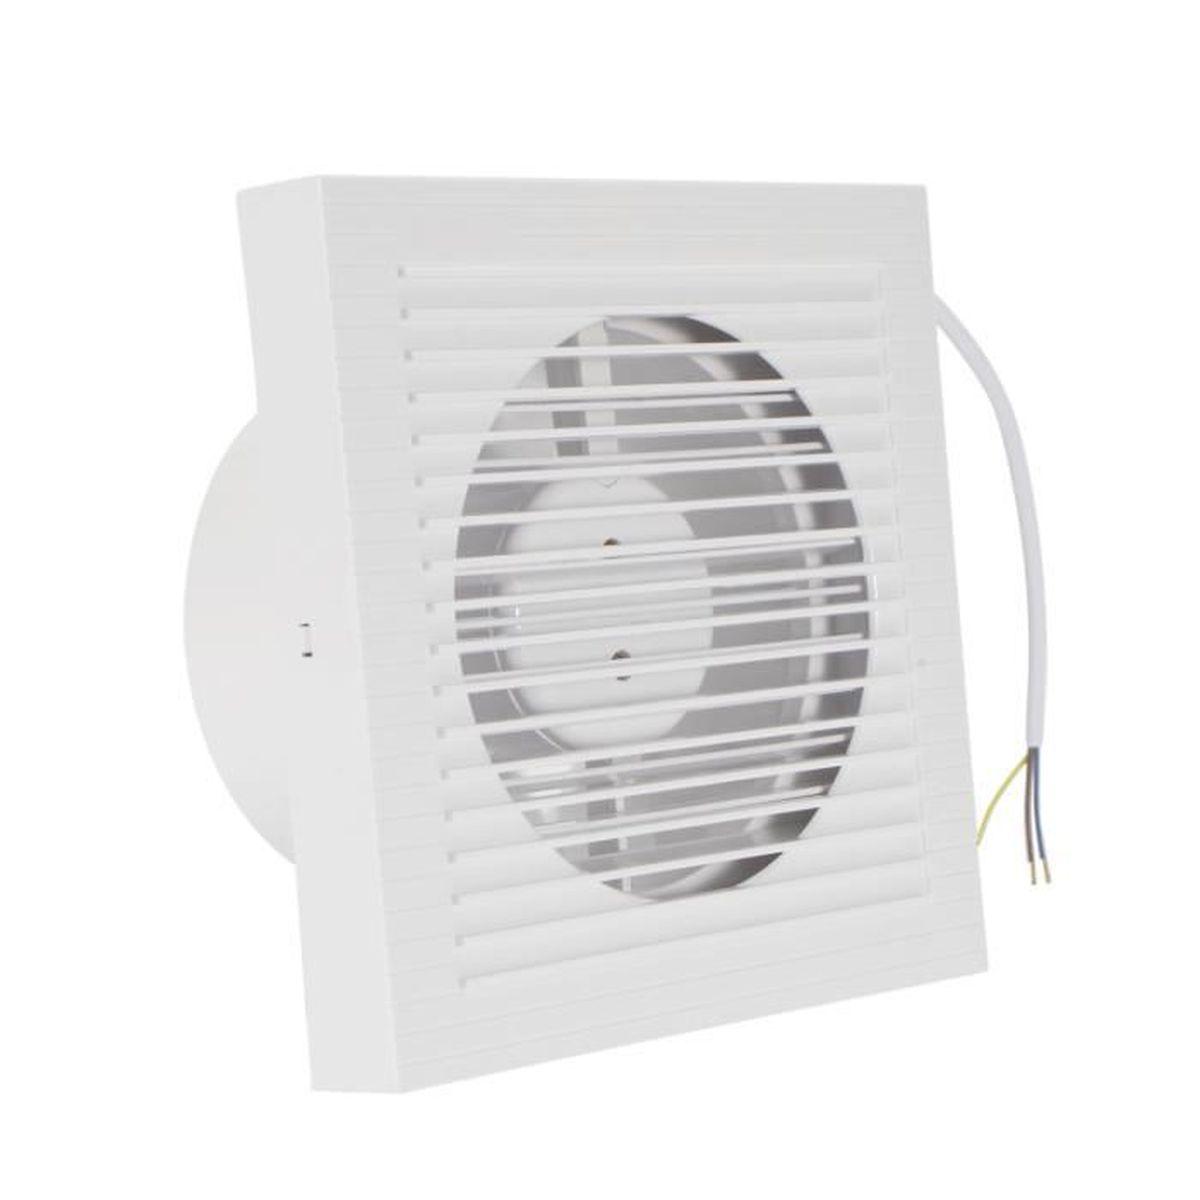 Ventilateur plafond salle de bains